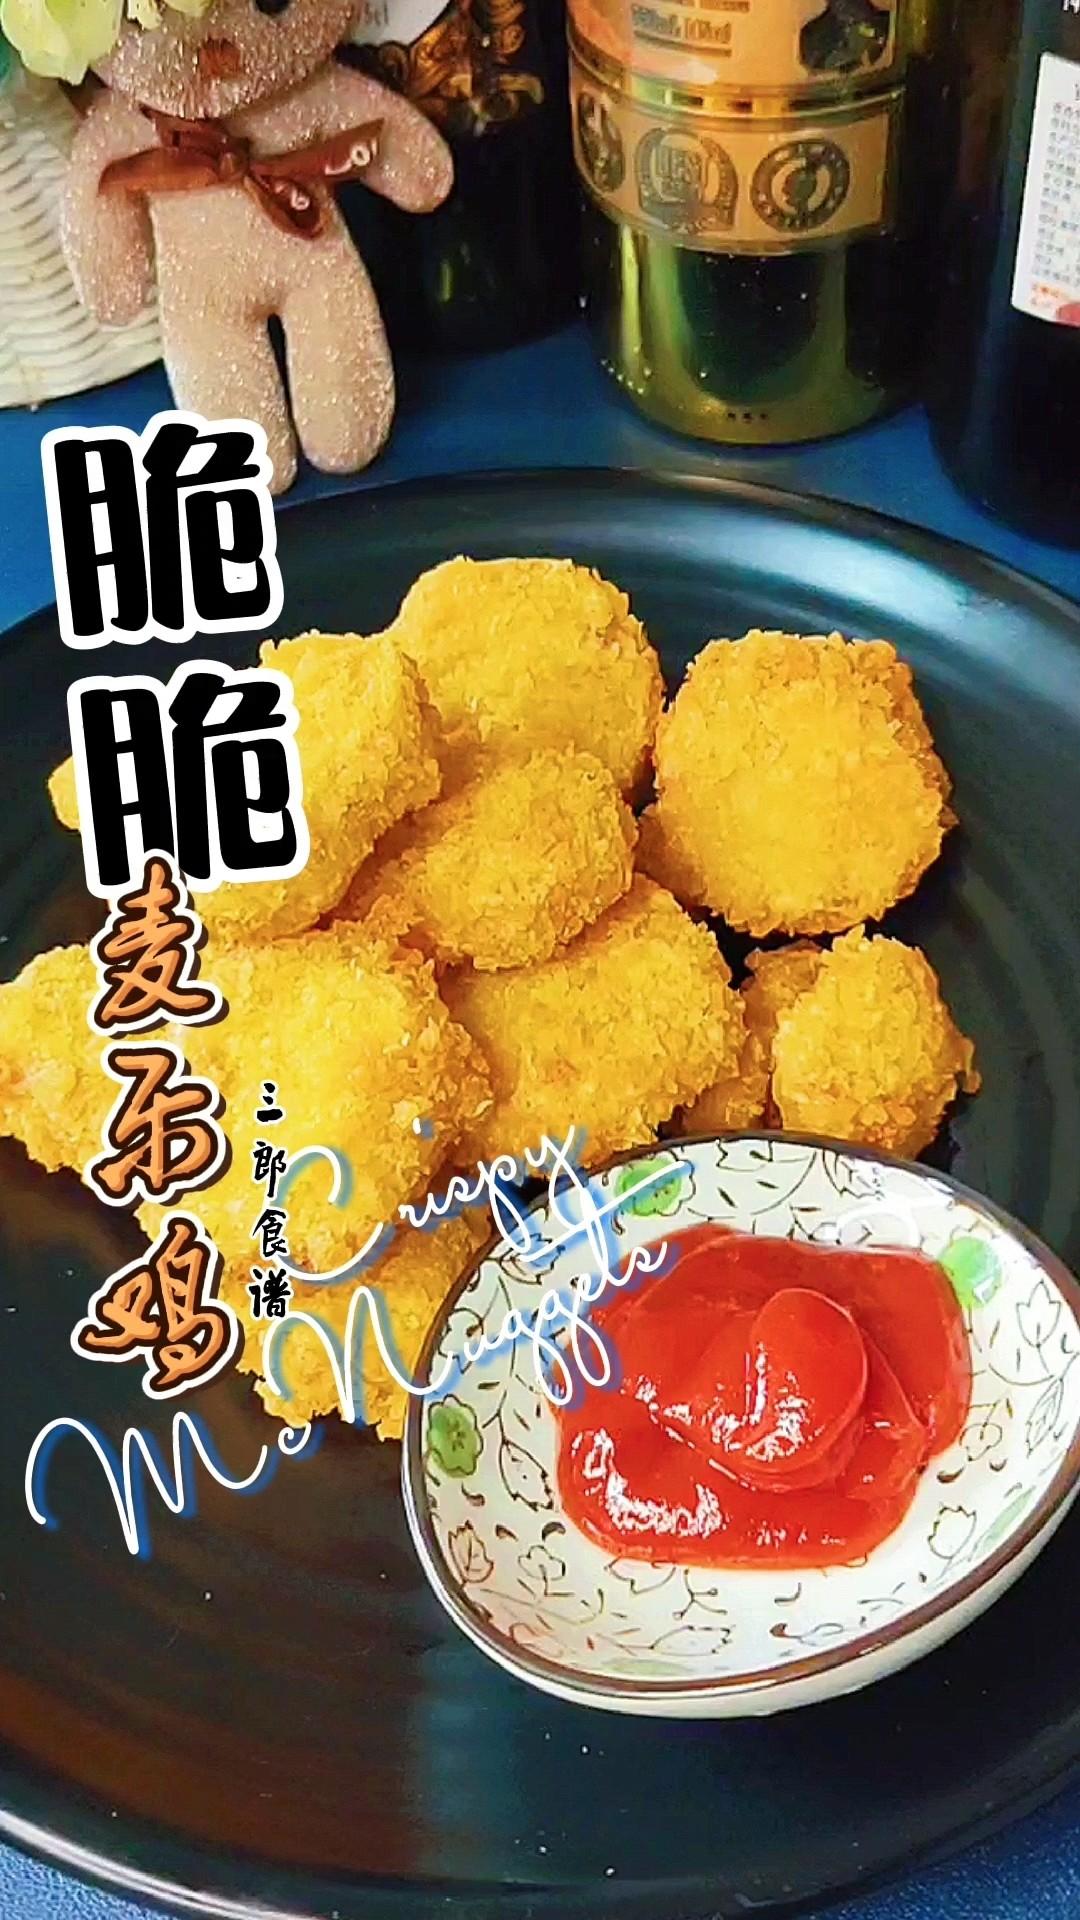 脆脆麦乐鸡